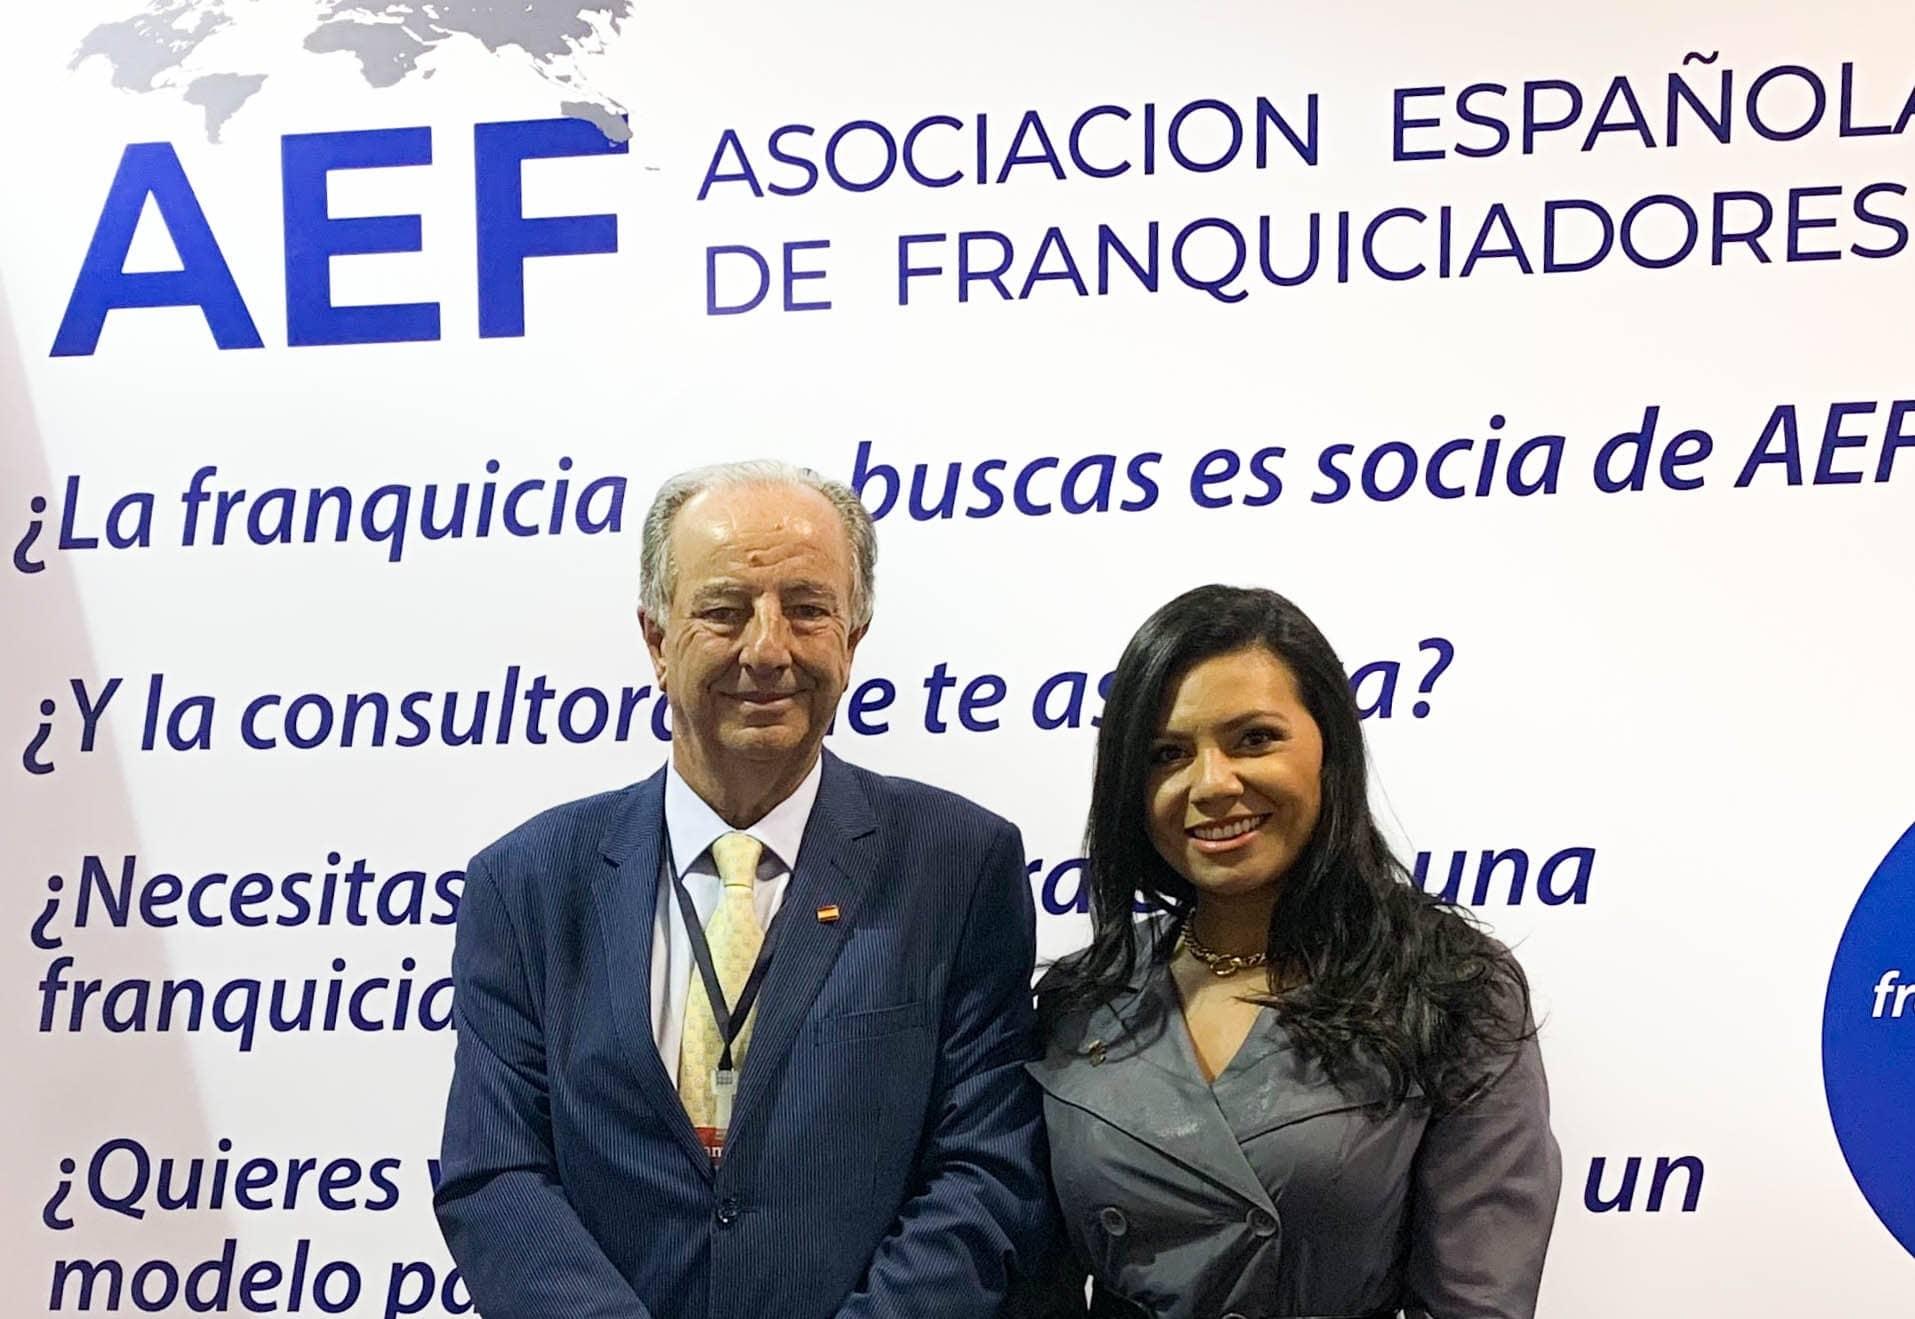 Eduardo Abadía, Director General de la AEF y Pamina González en el stand de AEF en FANYF 2019